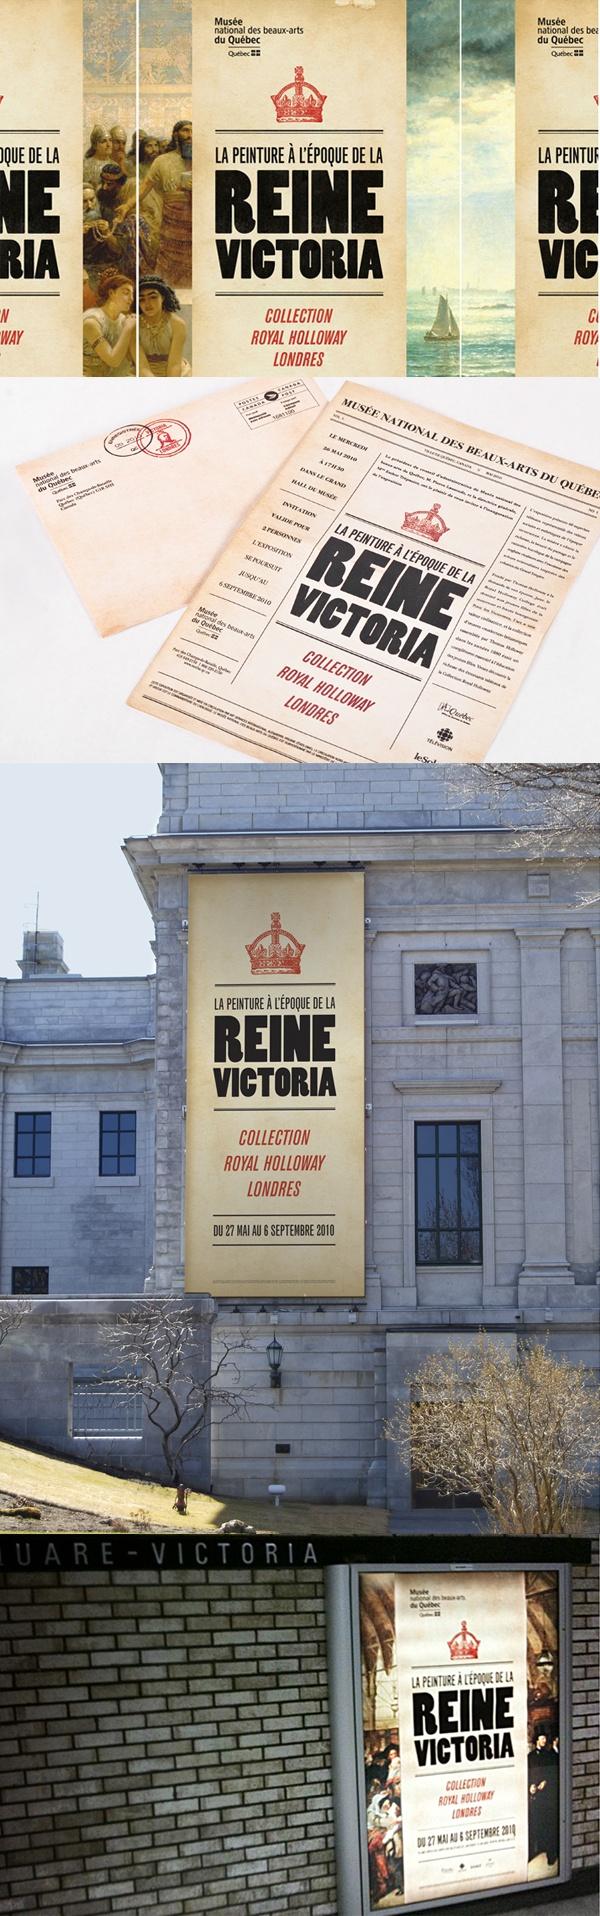 Cient : Musée National des Beaux-arts du Québec - Reine Victoria - Campagne publicitaire imprimée, design graphique, image de marque.